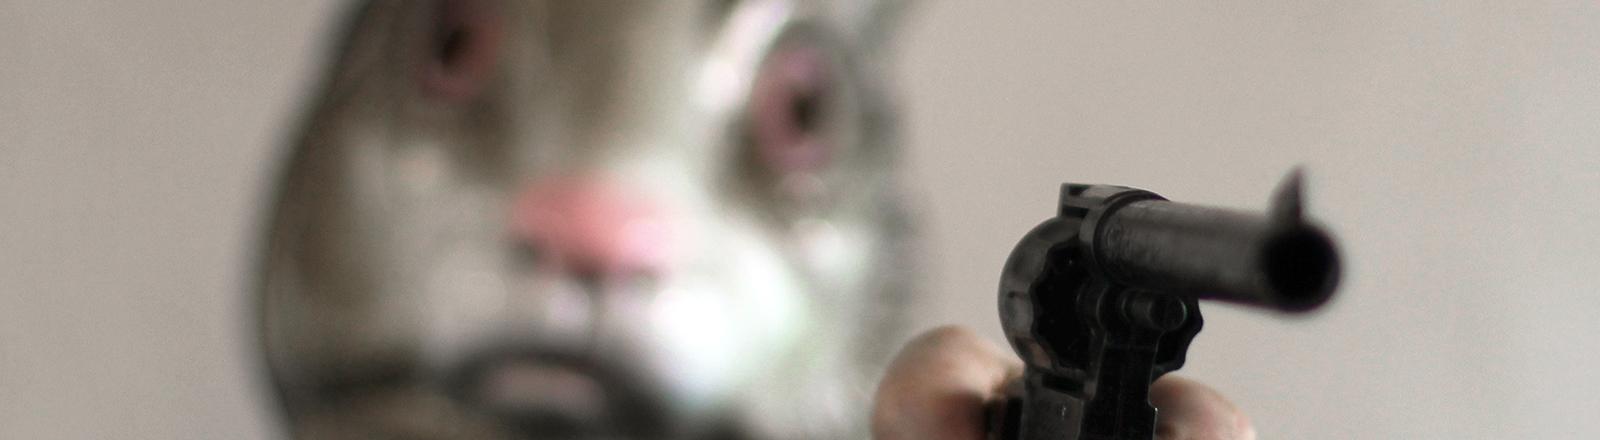 Ein Mensch mit Hasenmaske und Pistole